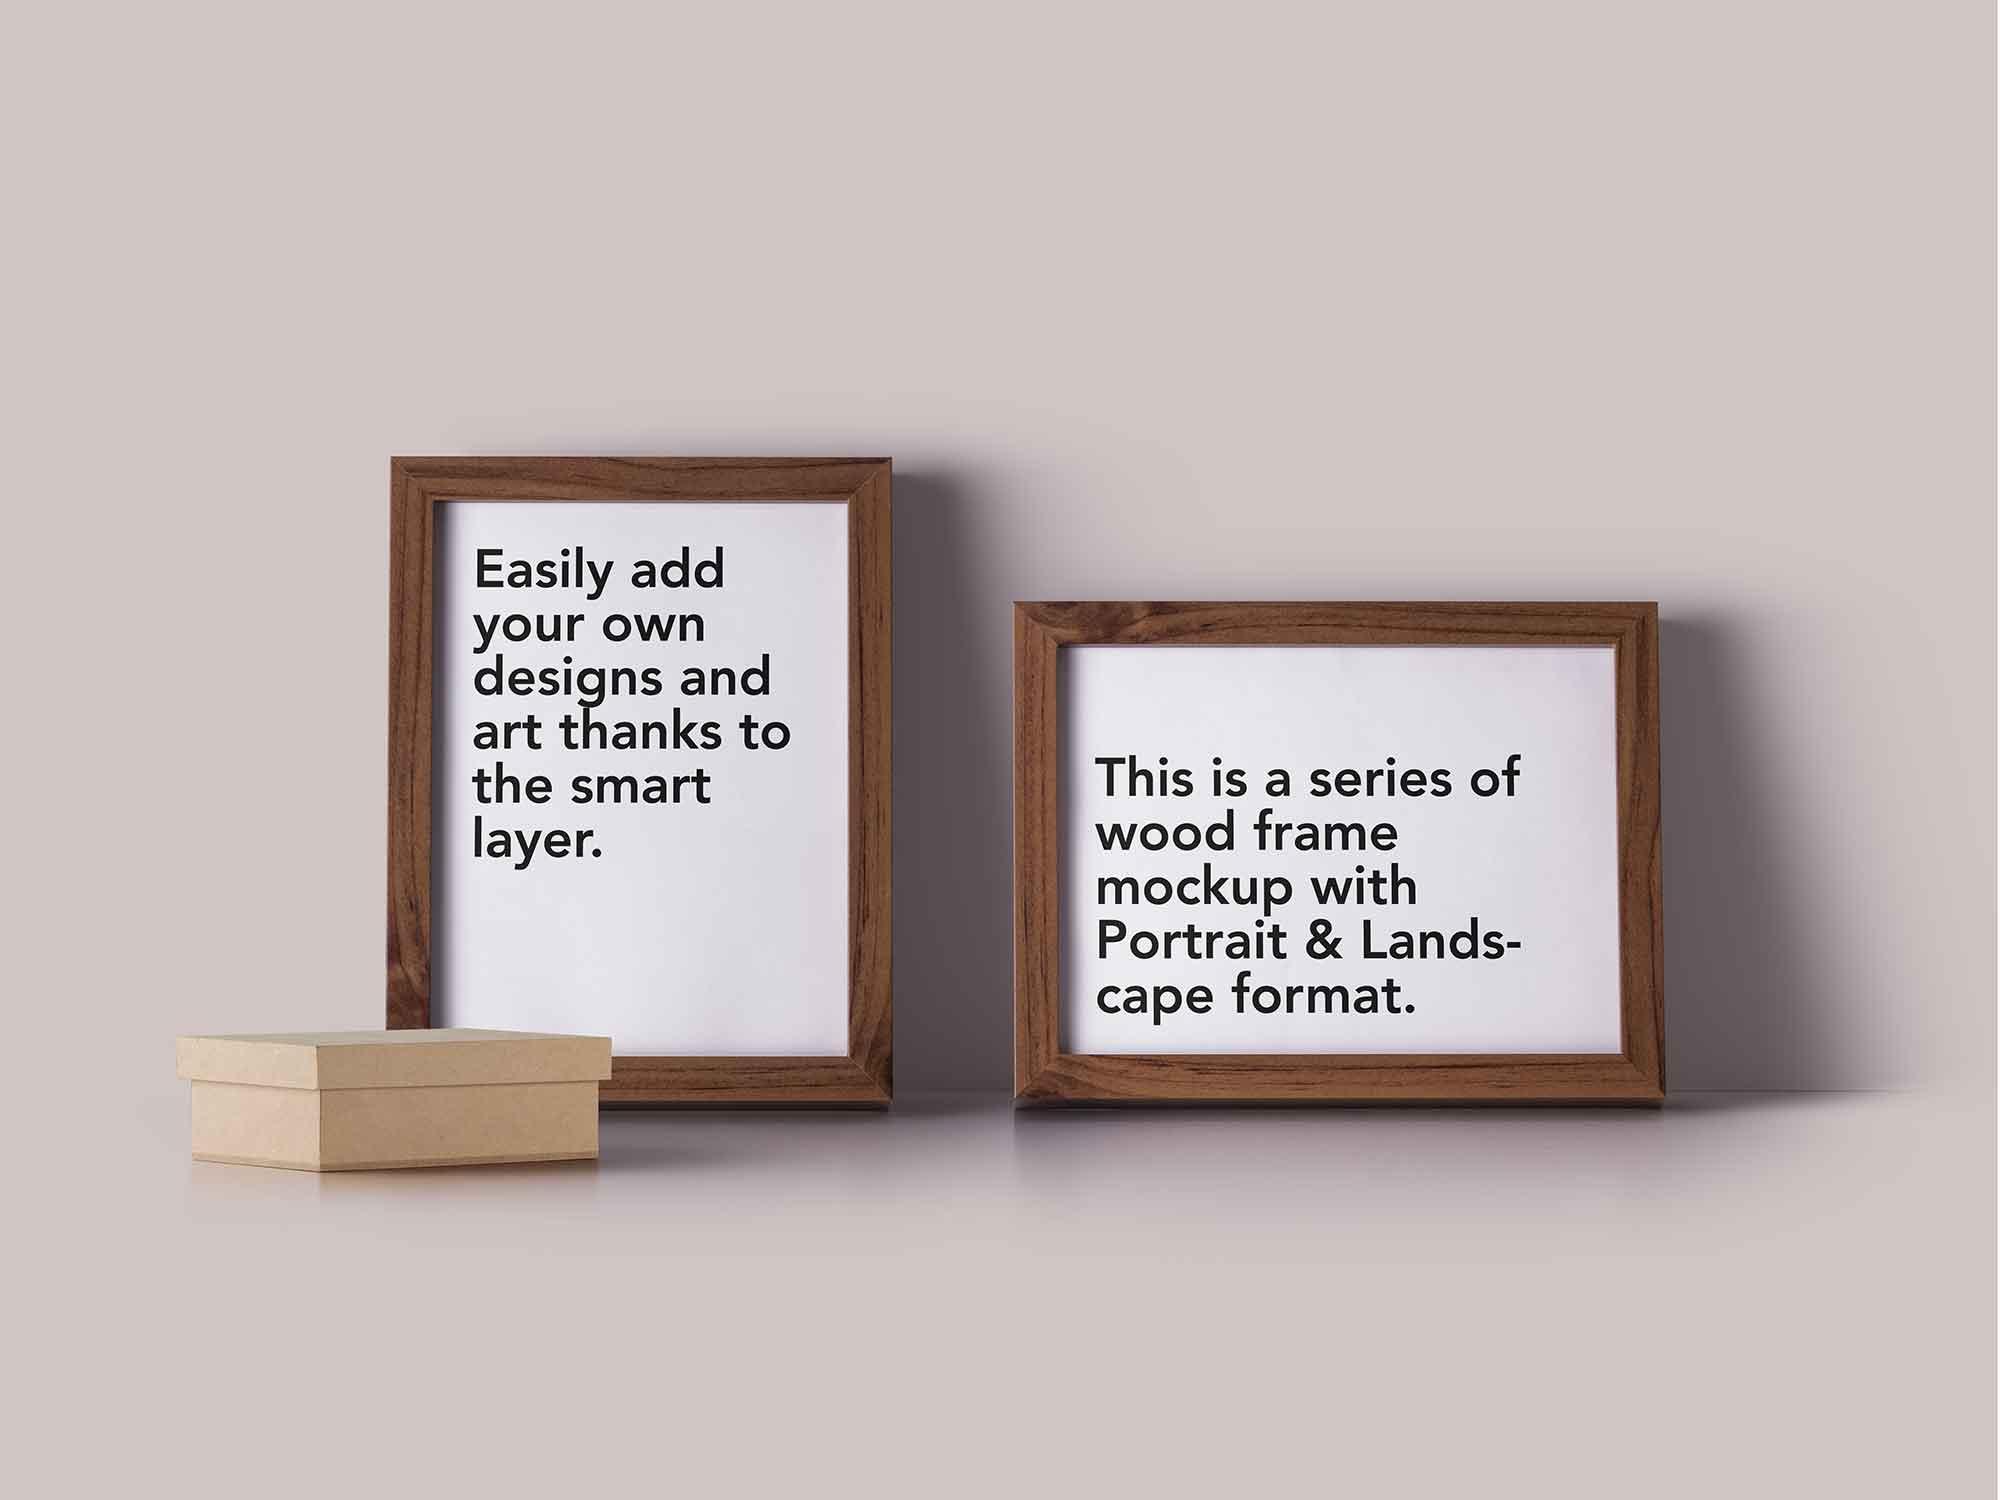 Wood Frame Mockup